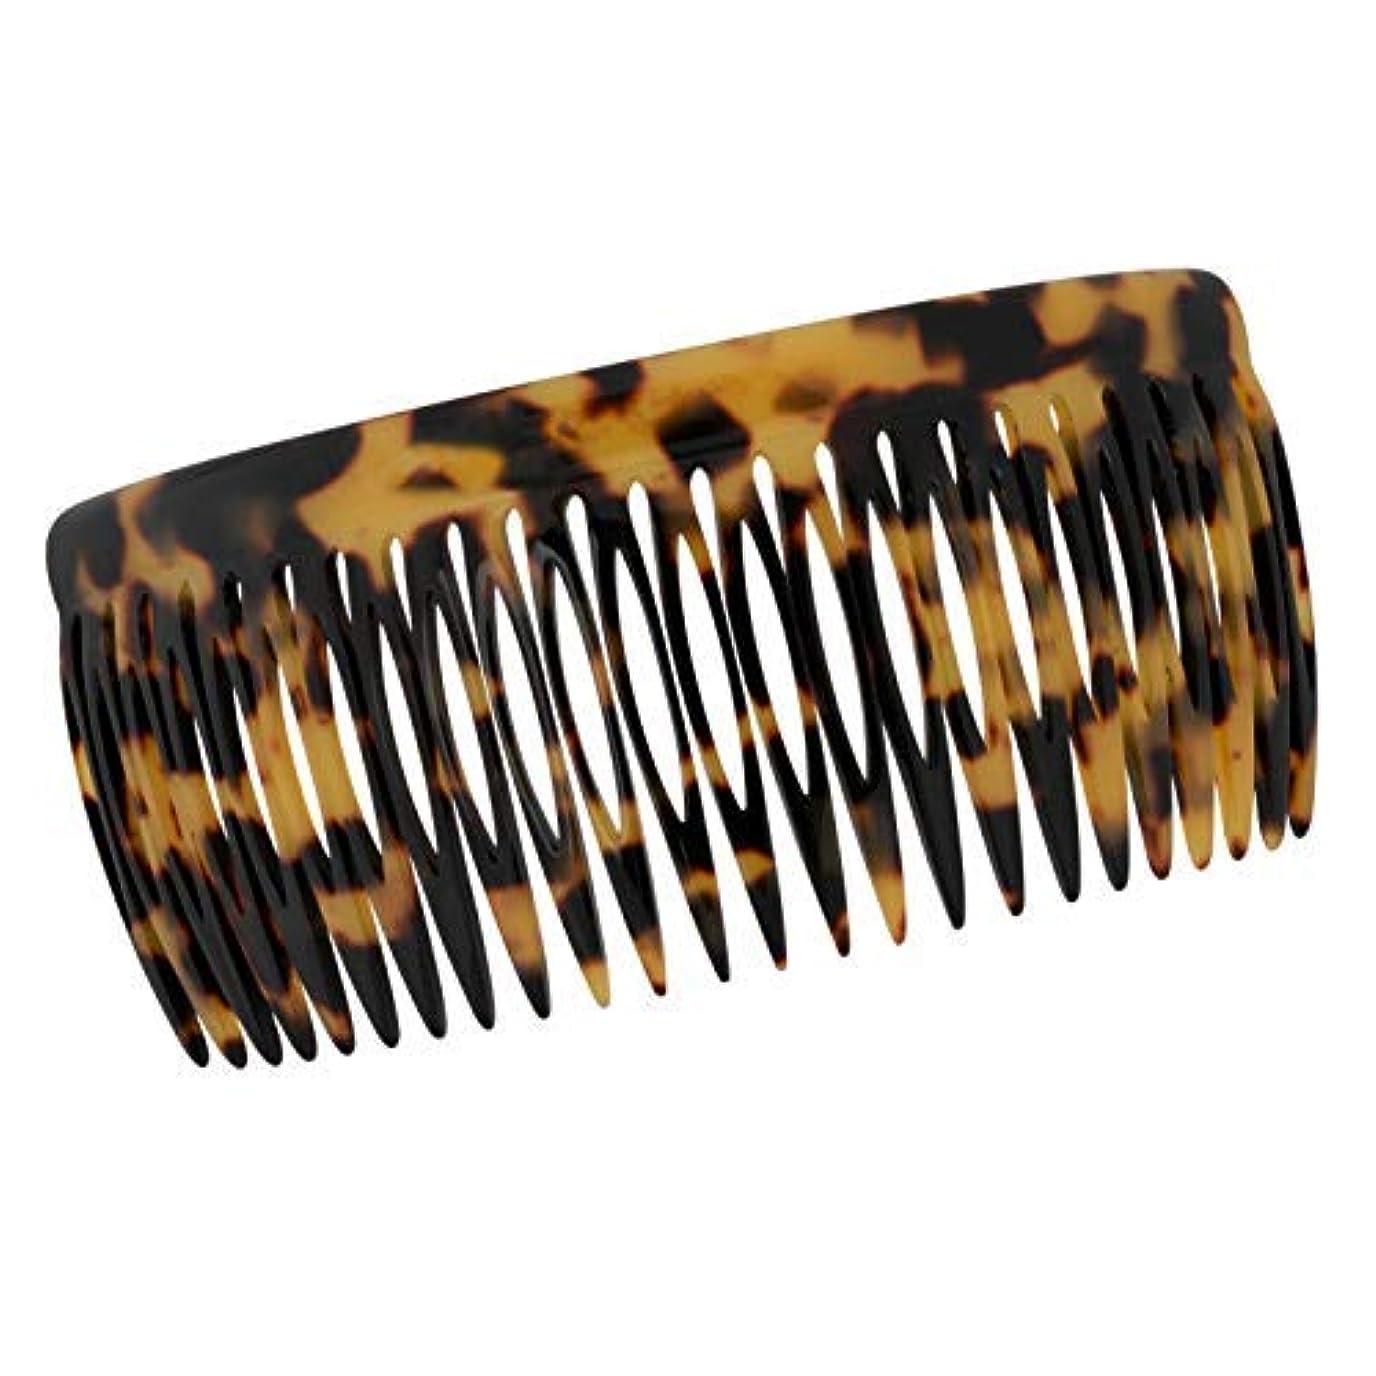 ホーンタール統計Charles J. Wahba Long Classic Long Side Comb - 24 Teeth - Handmade in France (Tokyo Tortoise Color) [並行輸入品]